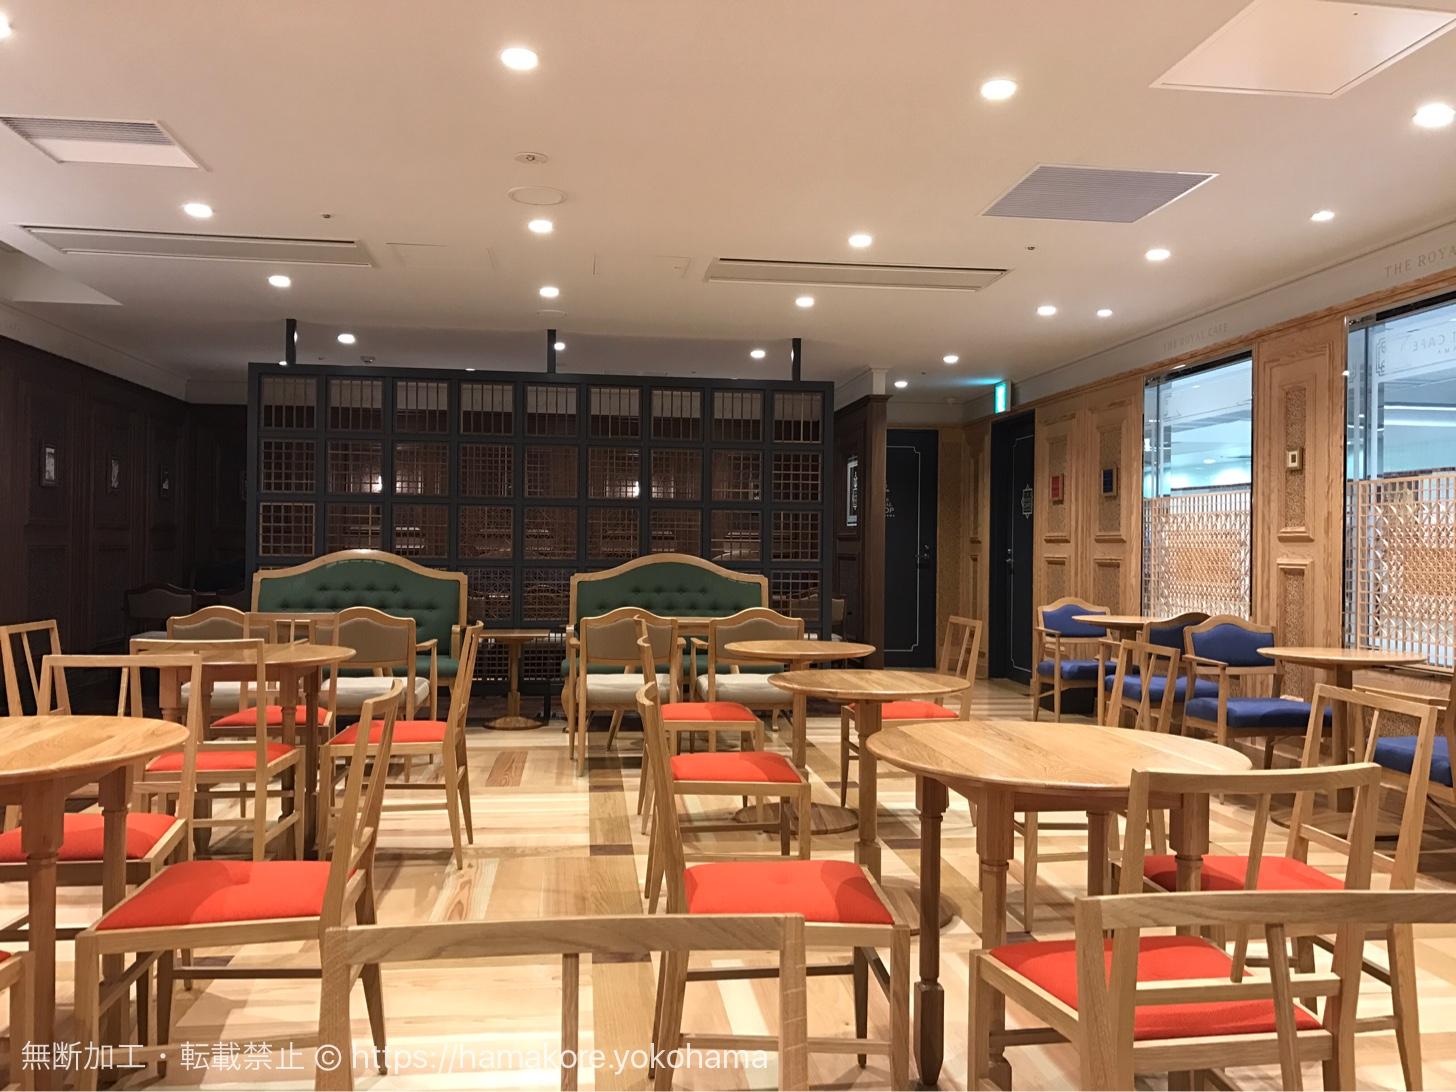 ザ・ロイヤルカフェ横浜 店内の様子